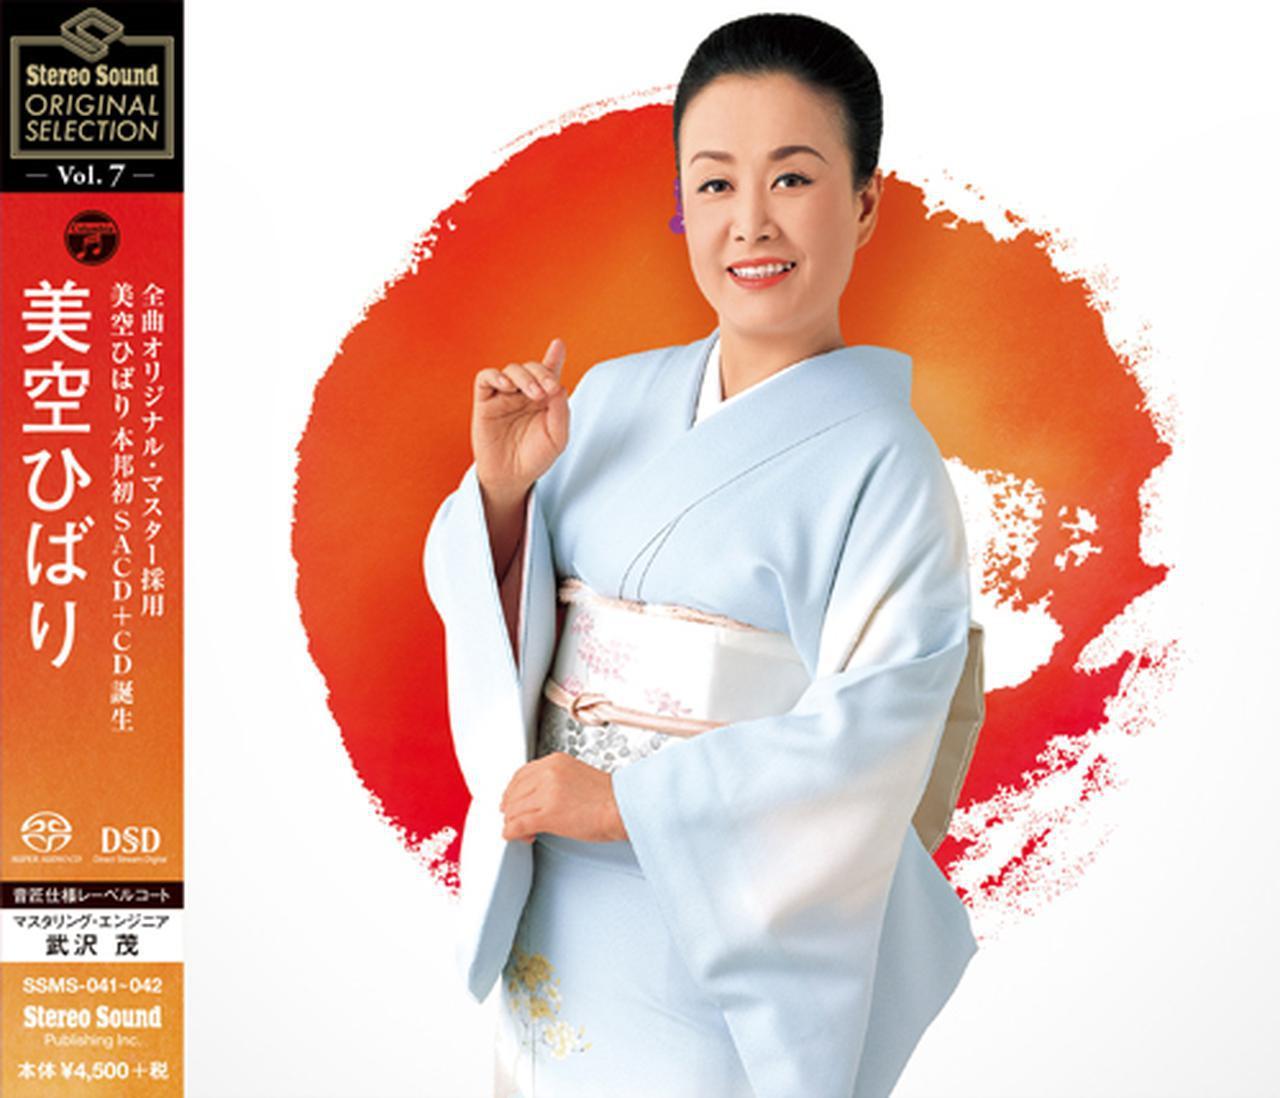 画像: Stereo Sound ORIGINAL SELECTION Vol.7 「美空ひばり」 (Single Layer SACD+CD・2枚組)¥4.950(税込)